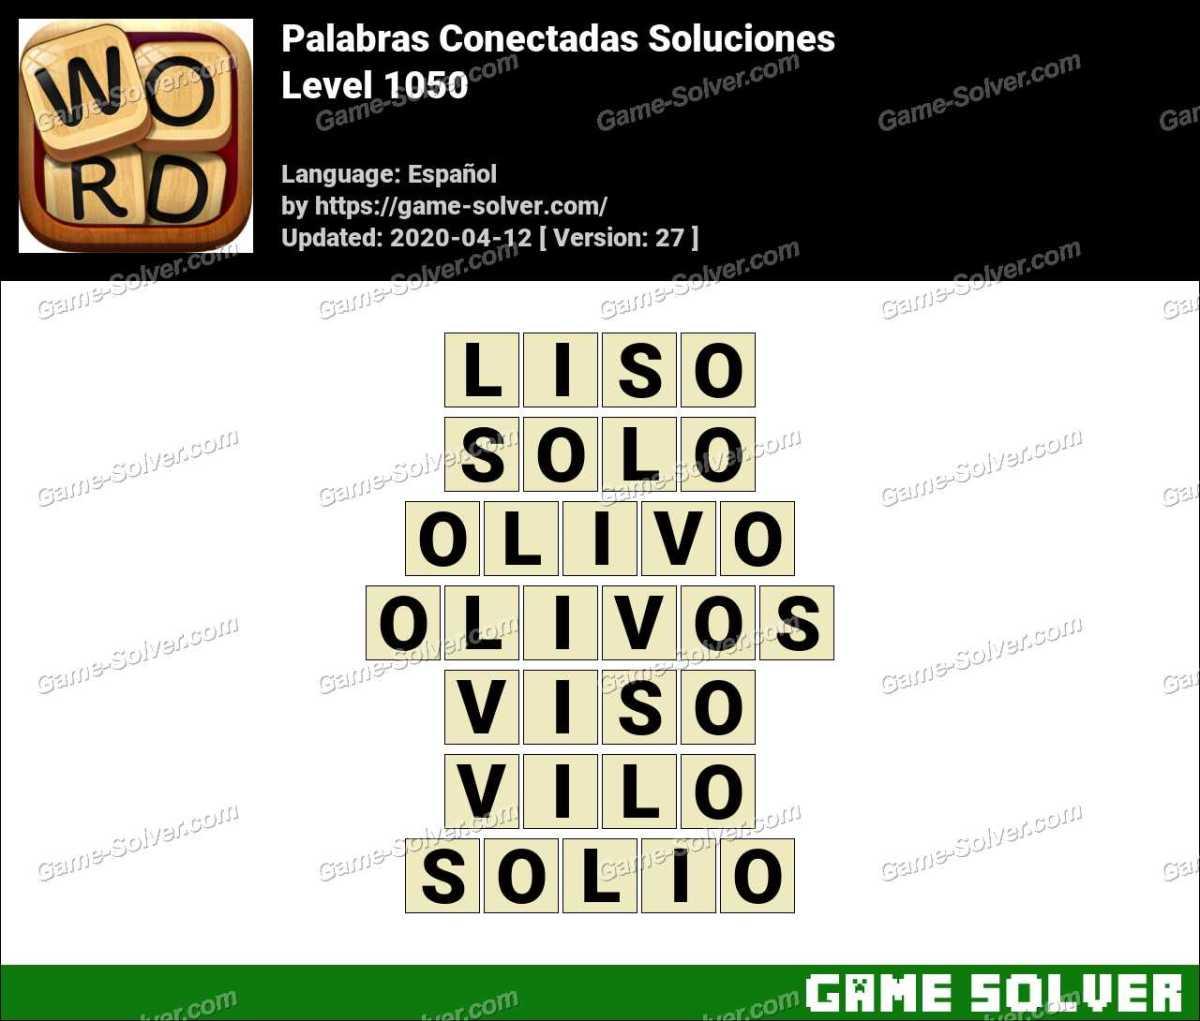 Palabras Conectadas Nivel 1050 Soluciones